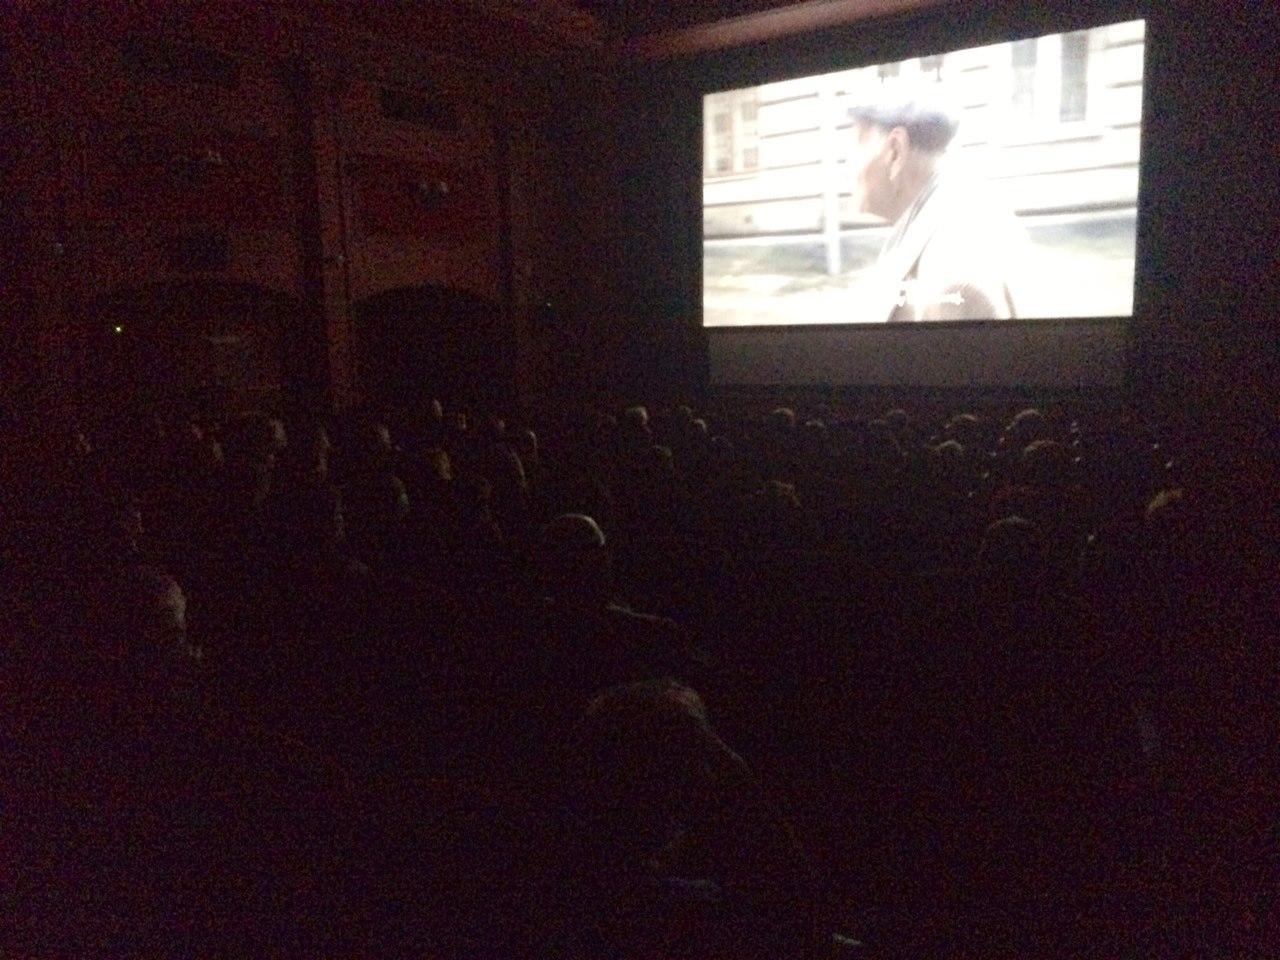 Yewish Motifs Film